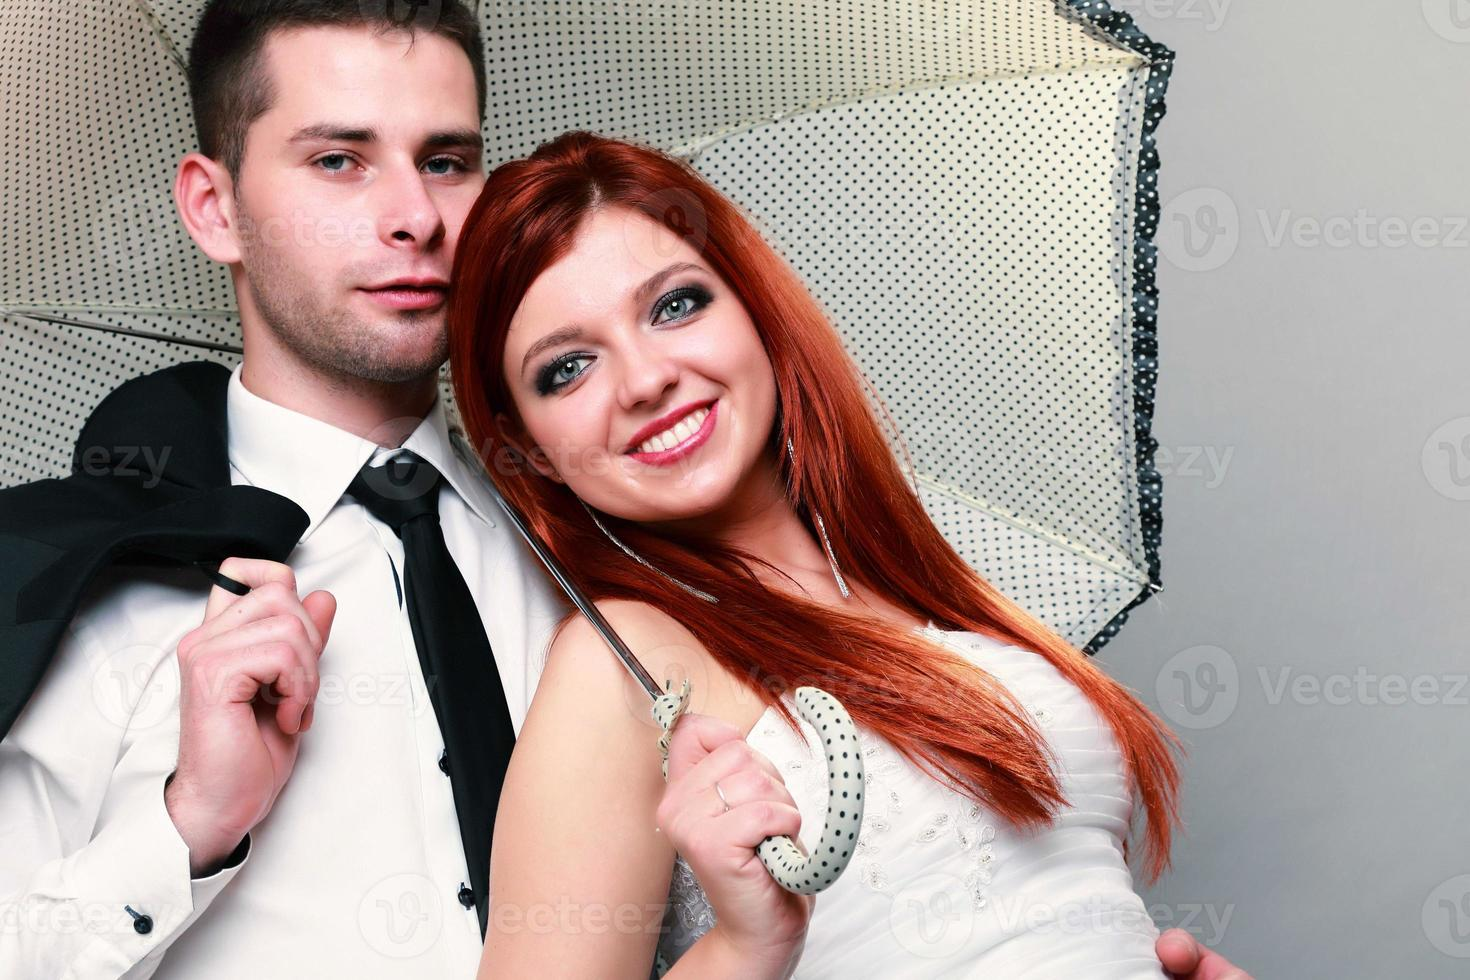 gelukkig echtpaar bruid bruidegom op grijze achtergrond foto